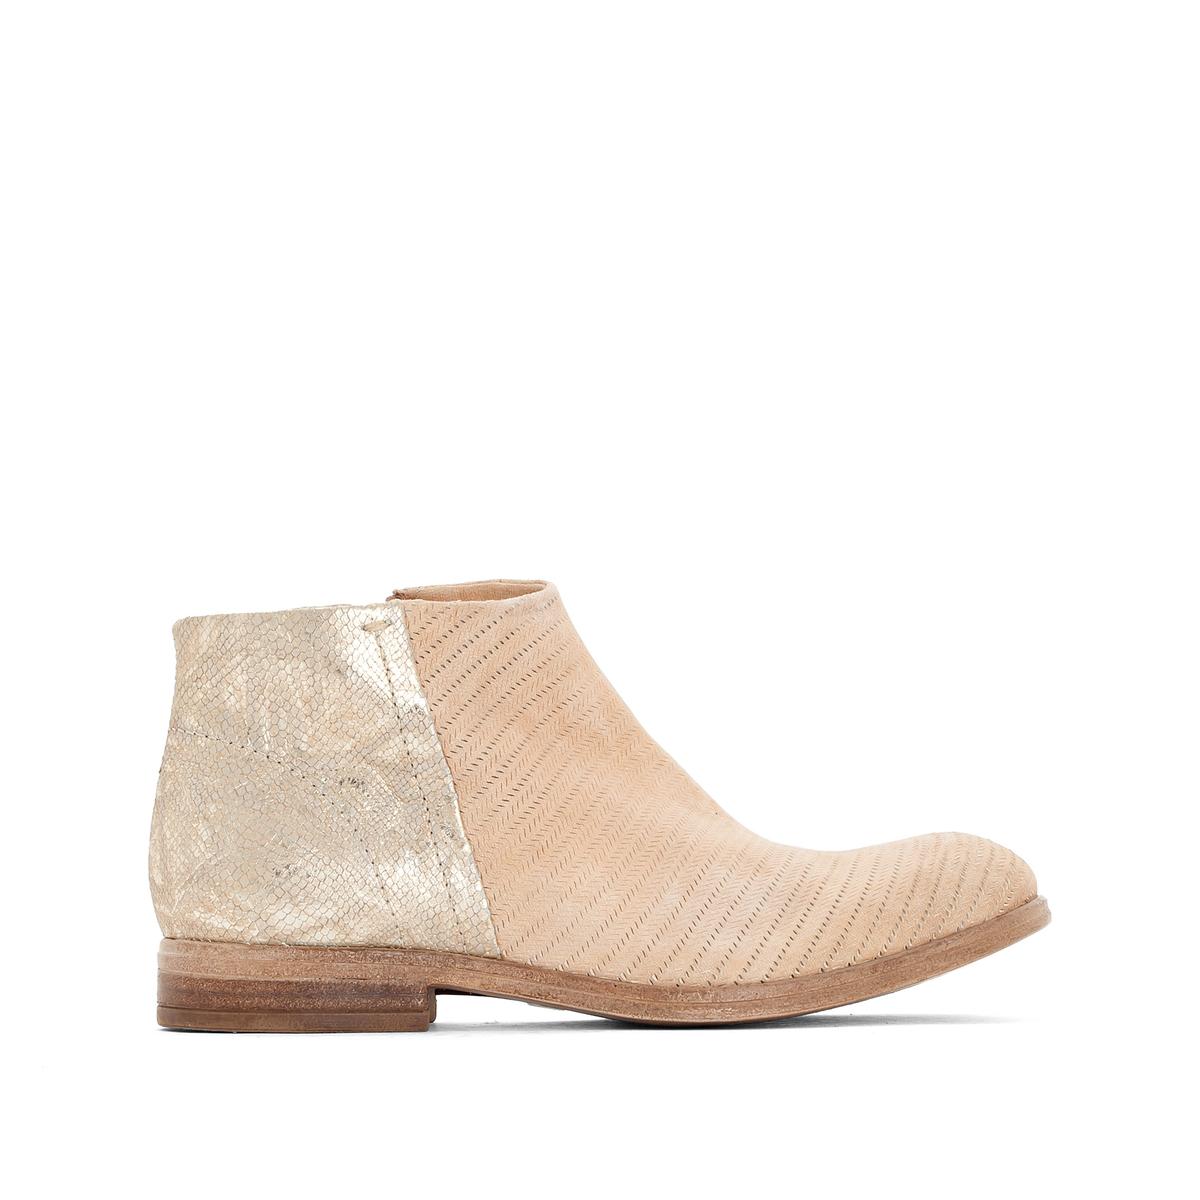 Ботильоны кожаные Nicole из двух материаловВерх/Голенище: кожа.  Подкладка: кожа.  Стелька: кожа.  Подошва: резина.Высота каблука: 2 см.Форма каблука: плоский каблук.Мысок: закругленный.Застежка: на молнию.<br><br>Цвет: бежевый/золотистый,золотистый/синий